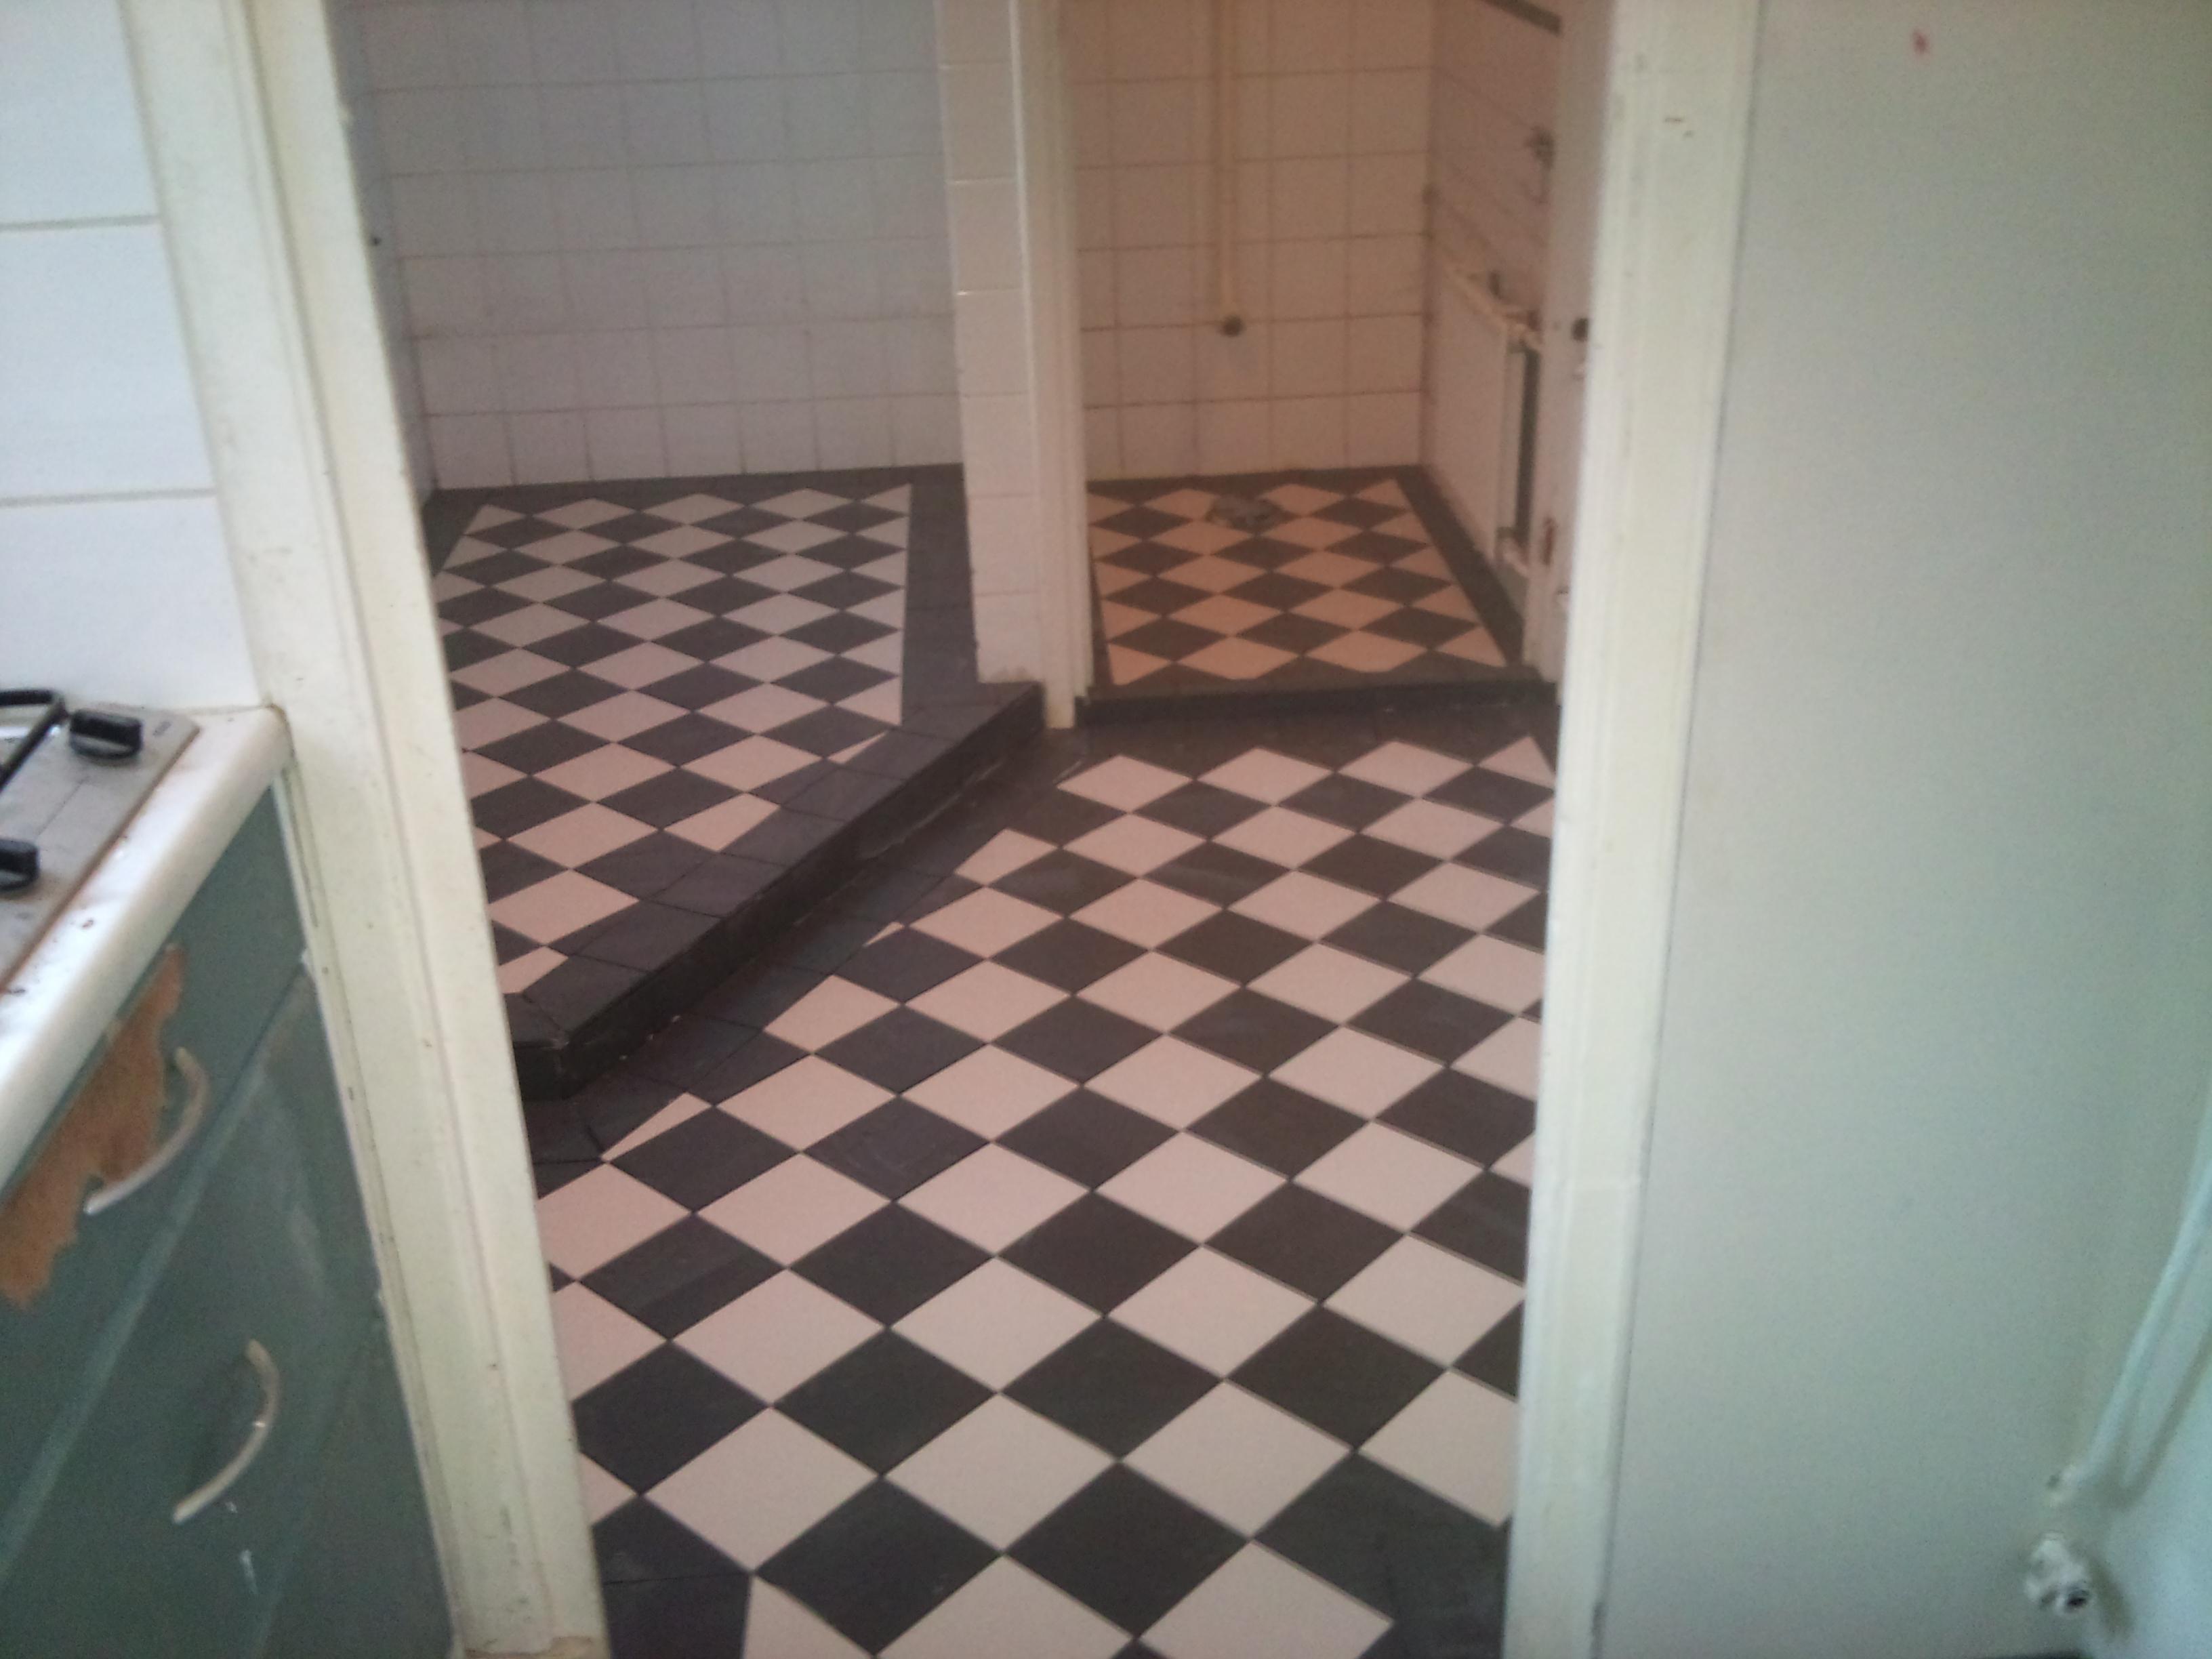 Zwart wit vloer keuken inspiratie het beste interieur - Keuken zwarte tegels en witte ...